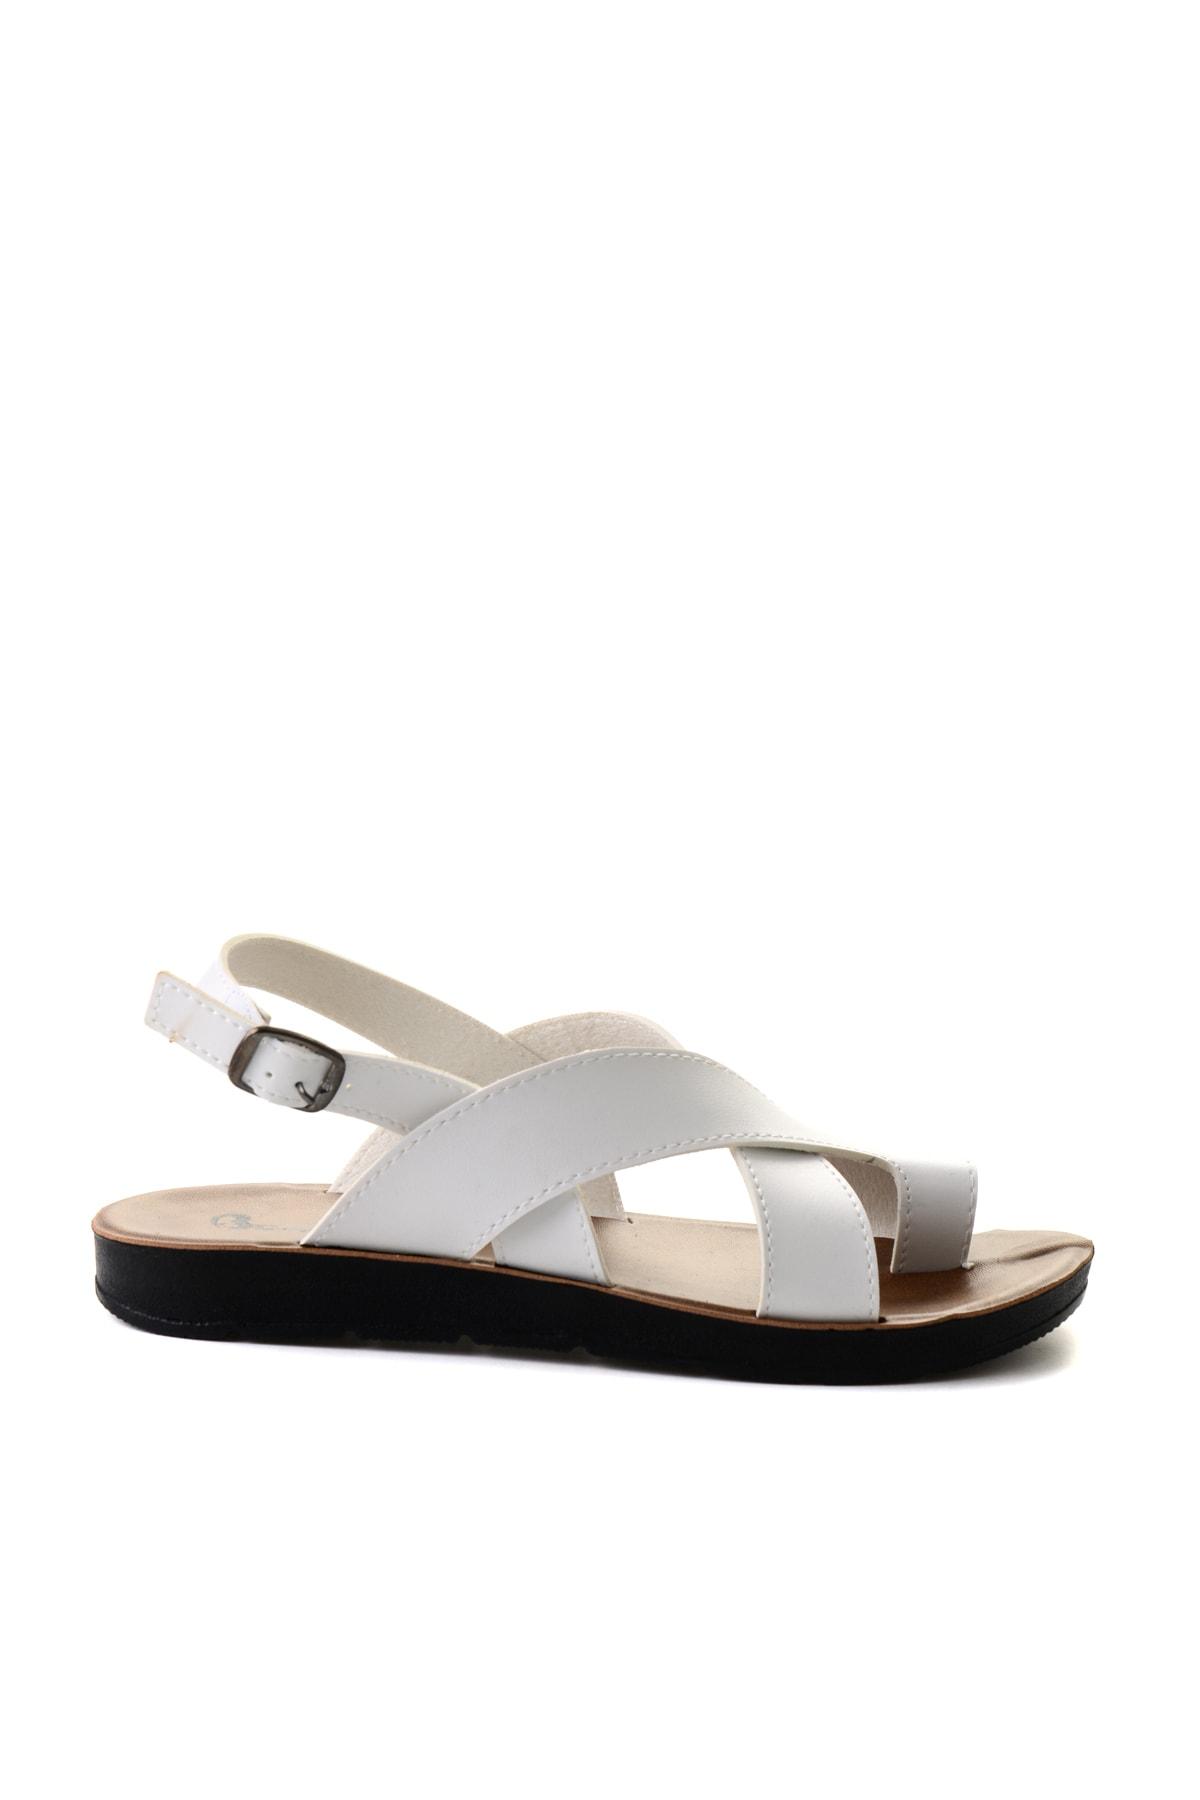 Bambi Beyaz Kadın Sandalet L0642111109 2